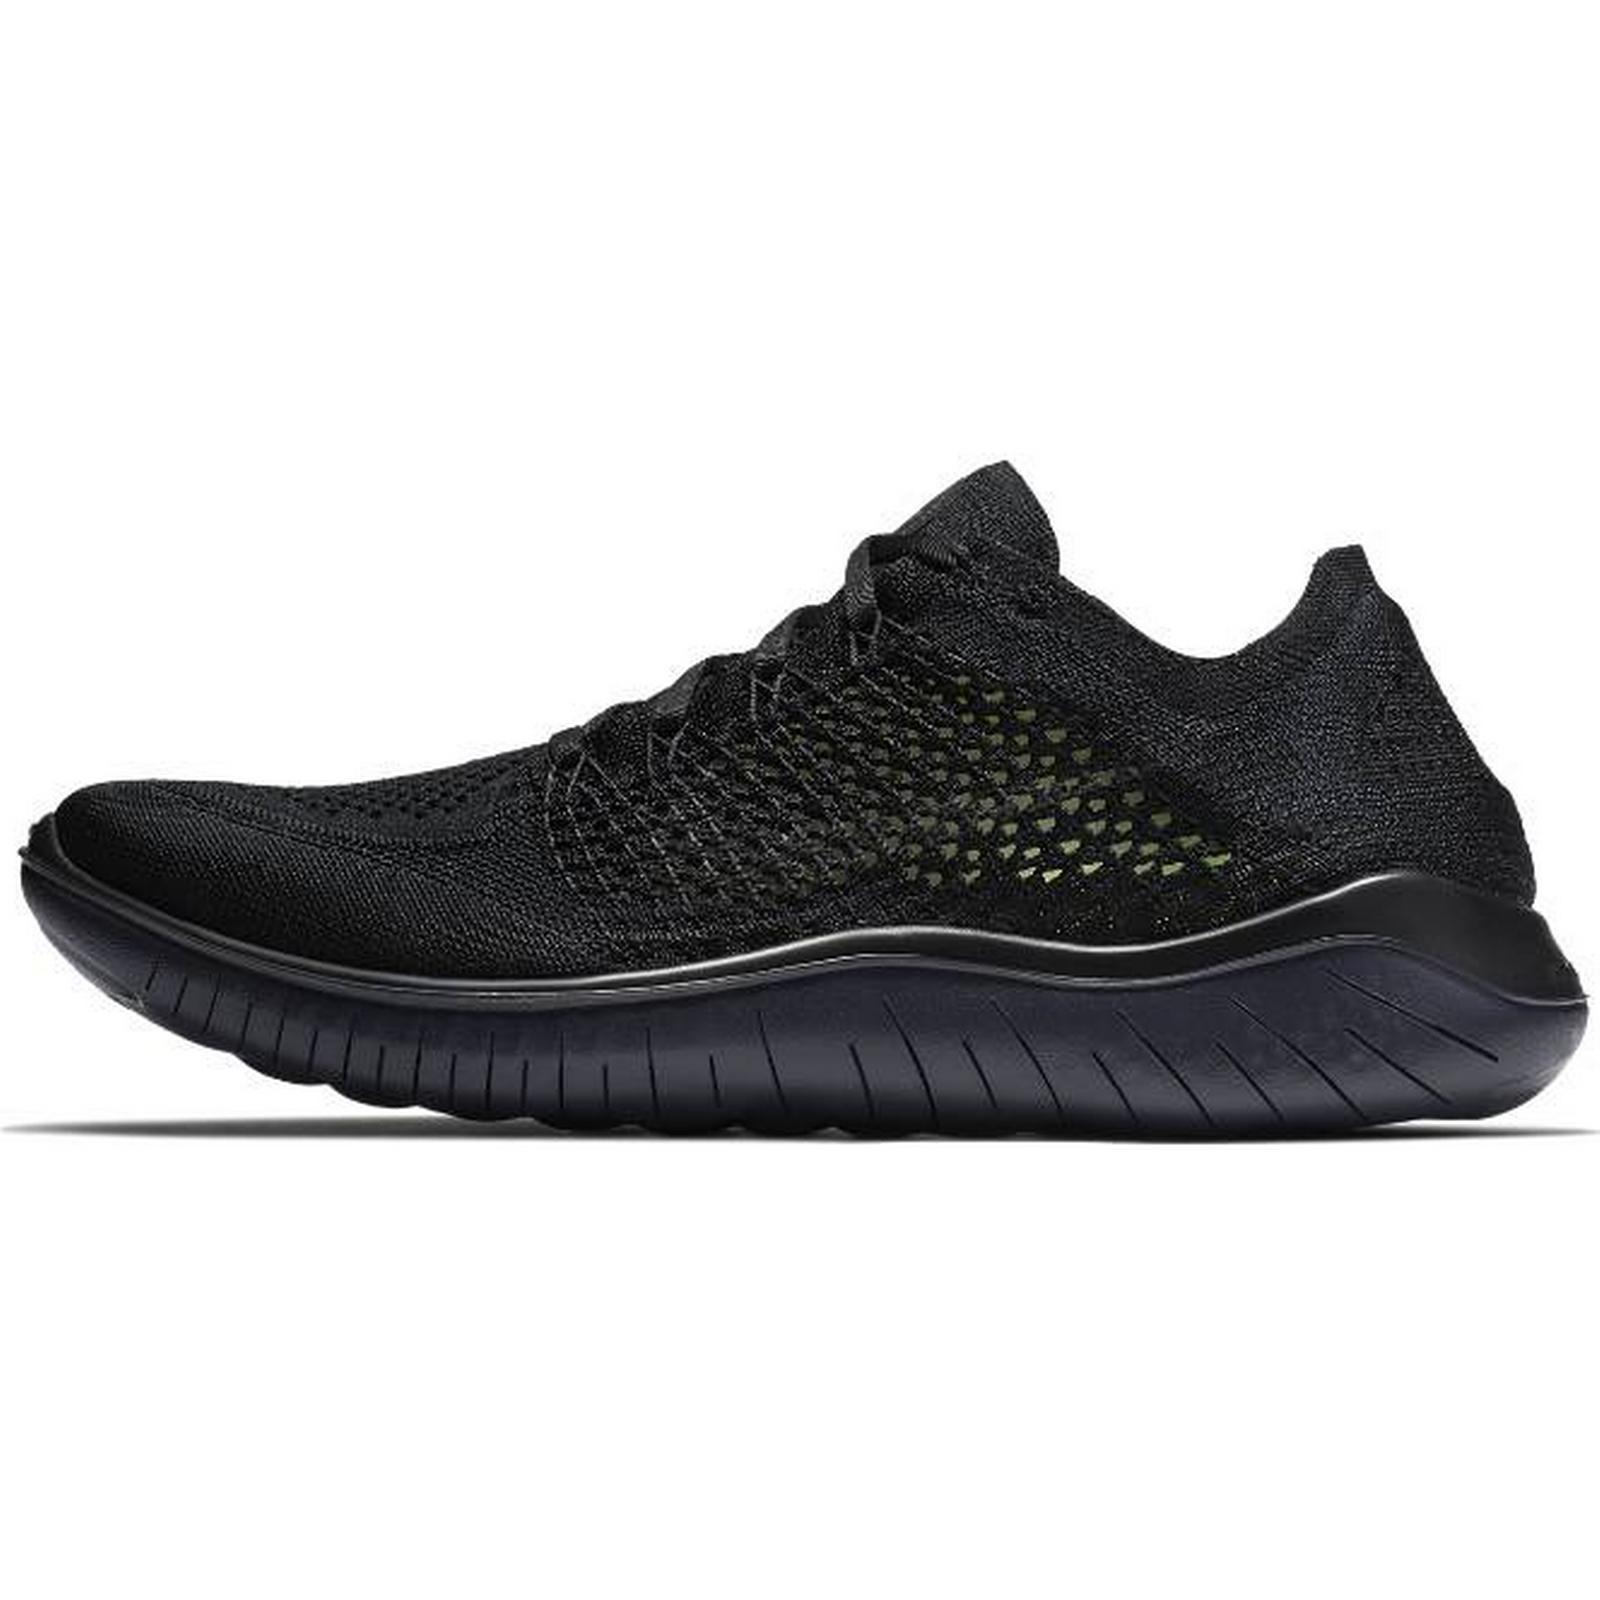 NIKE Nike Męskie Buty Do Biegania Nike NIKE Free RN Flyknit 2018 9ada48